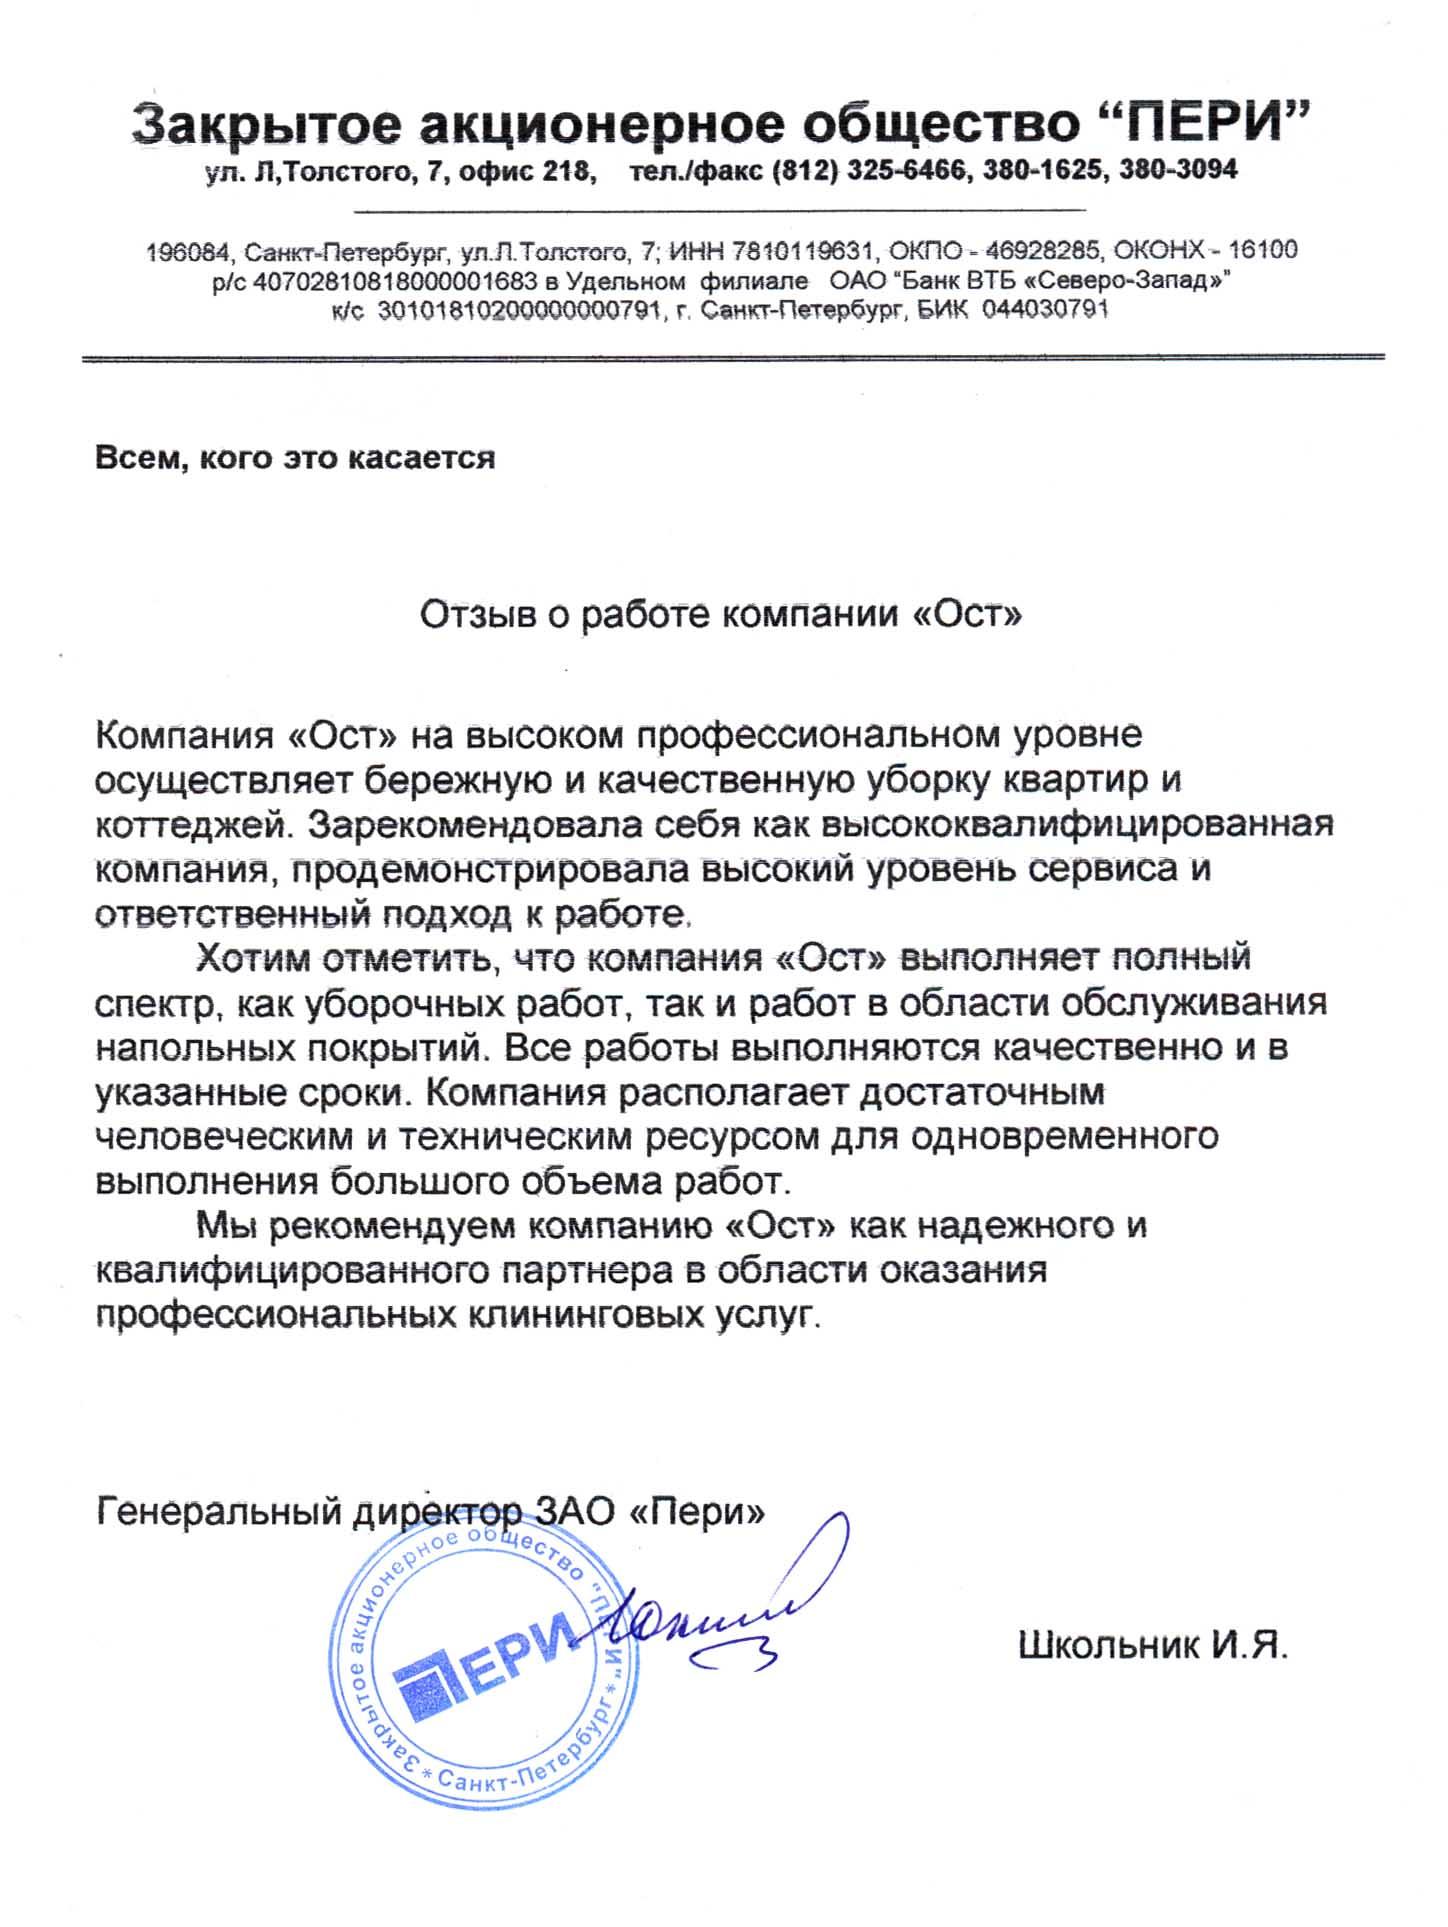 ЗАО «Пери»